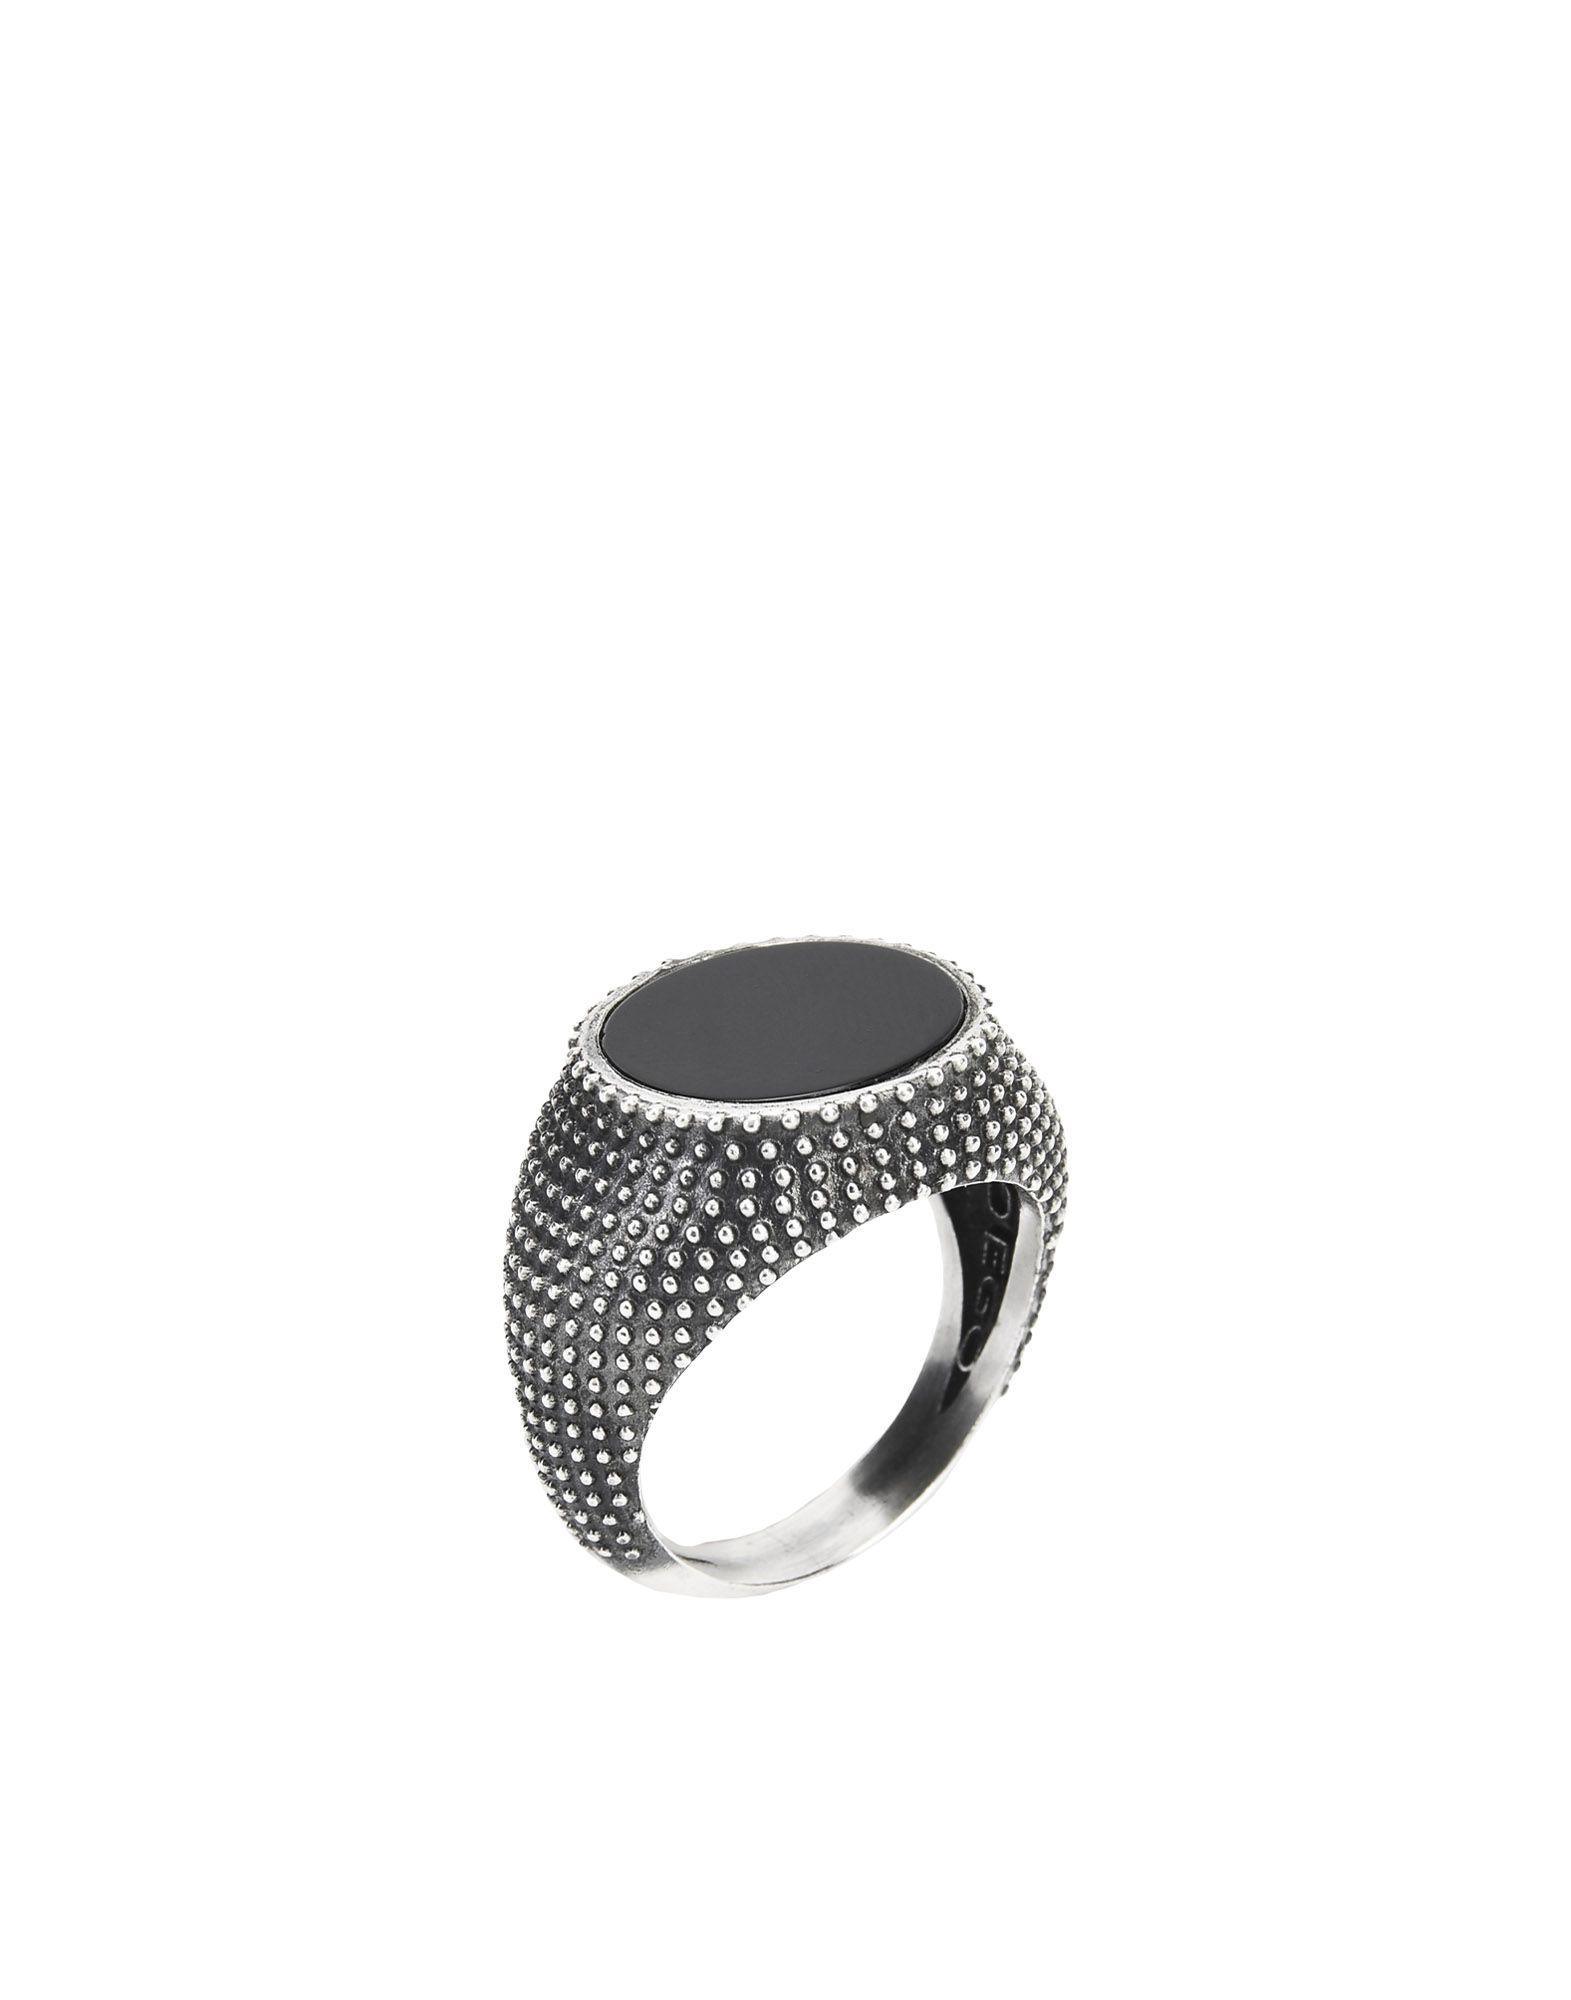 《セール開催中》FIRST PEOPLE FIRST メンズ 指輪 鉛色 14 シルバー925/1000 / オニキス Anello della Ricerca Bis